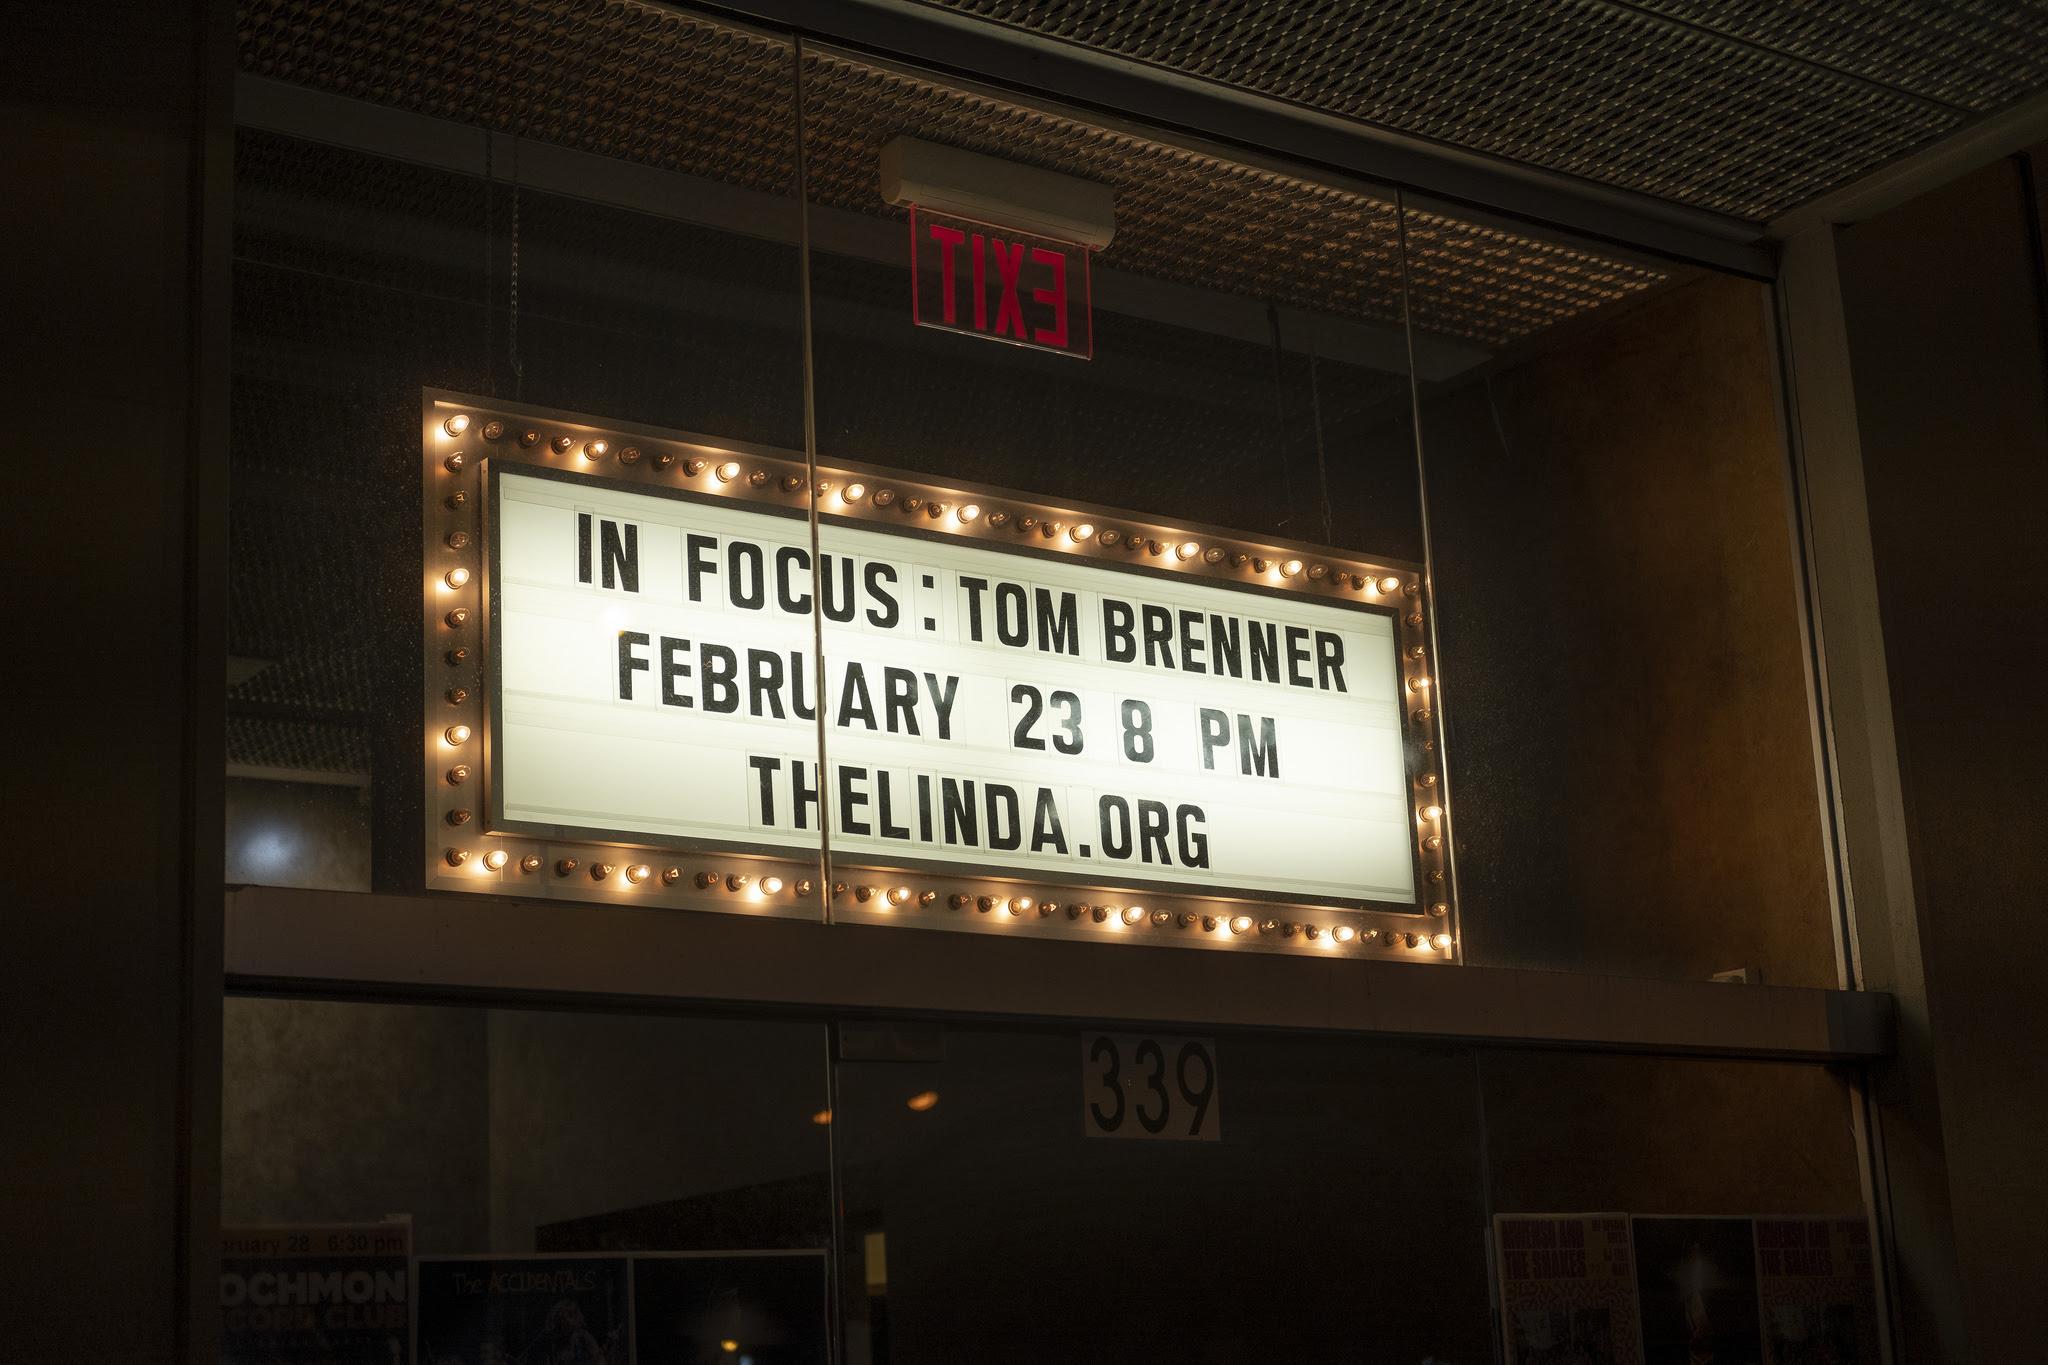 Tom Brenner